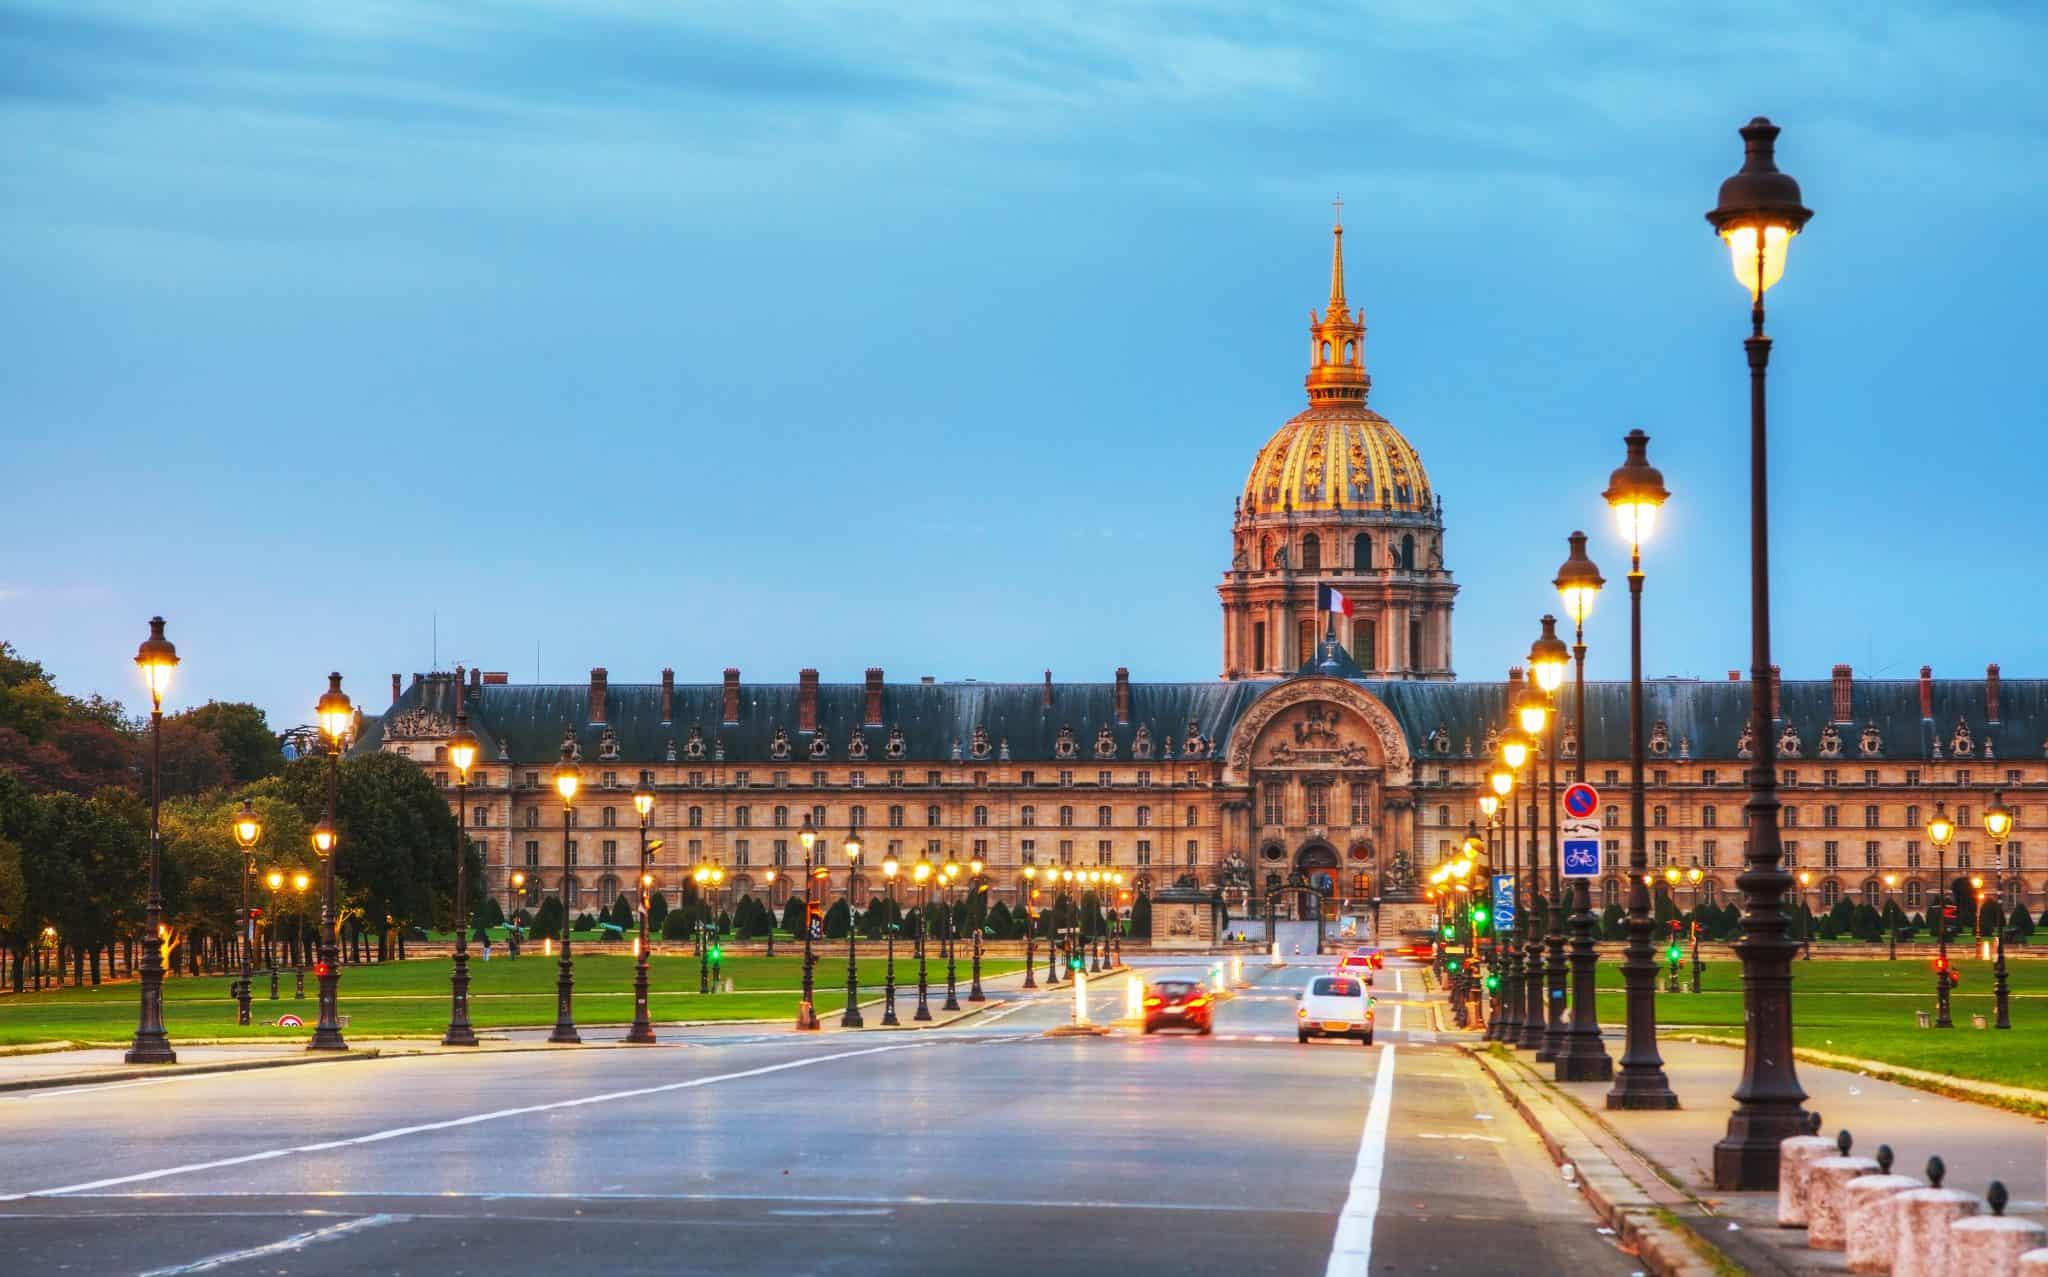 Les Invalides - visit Paris 4 days